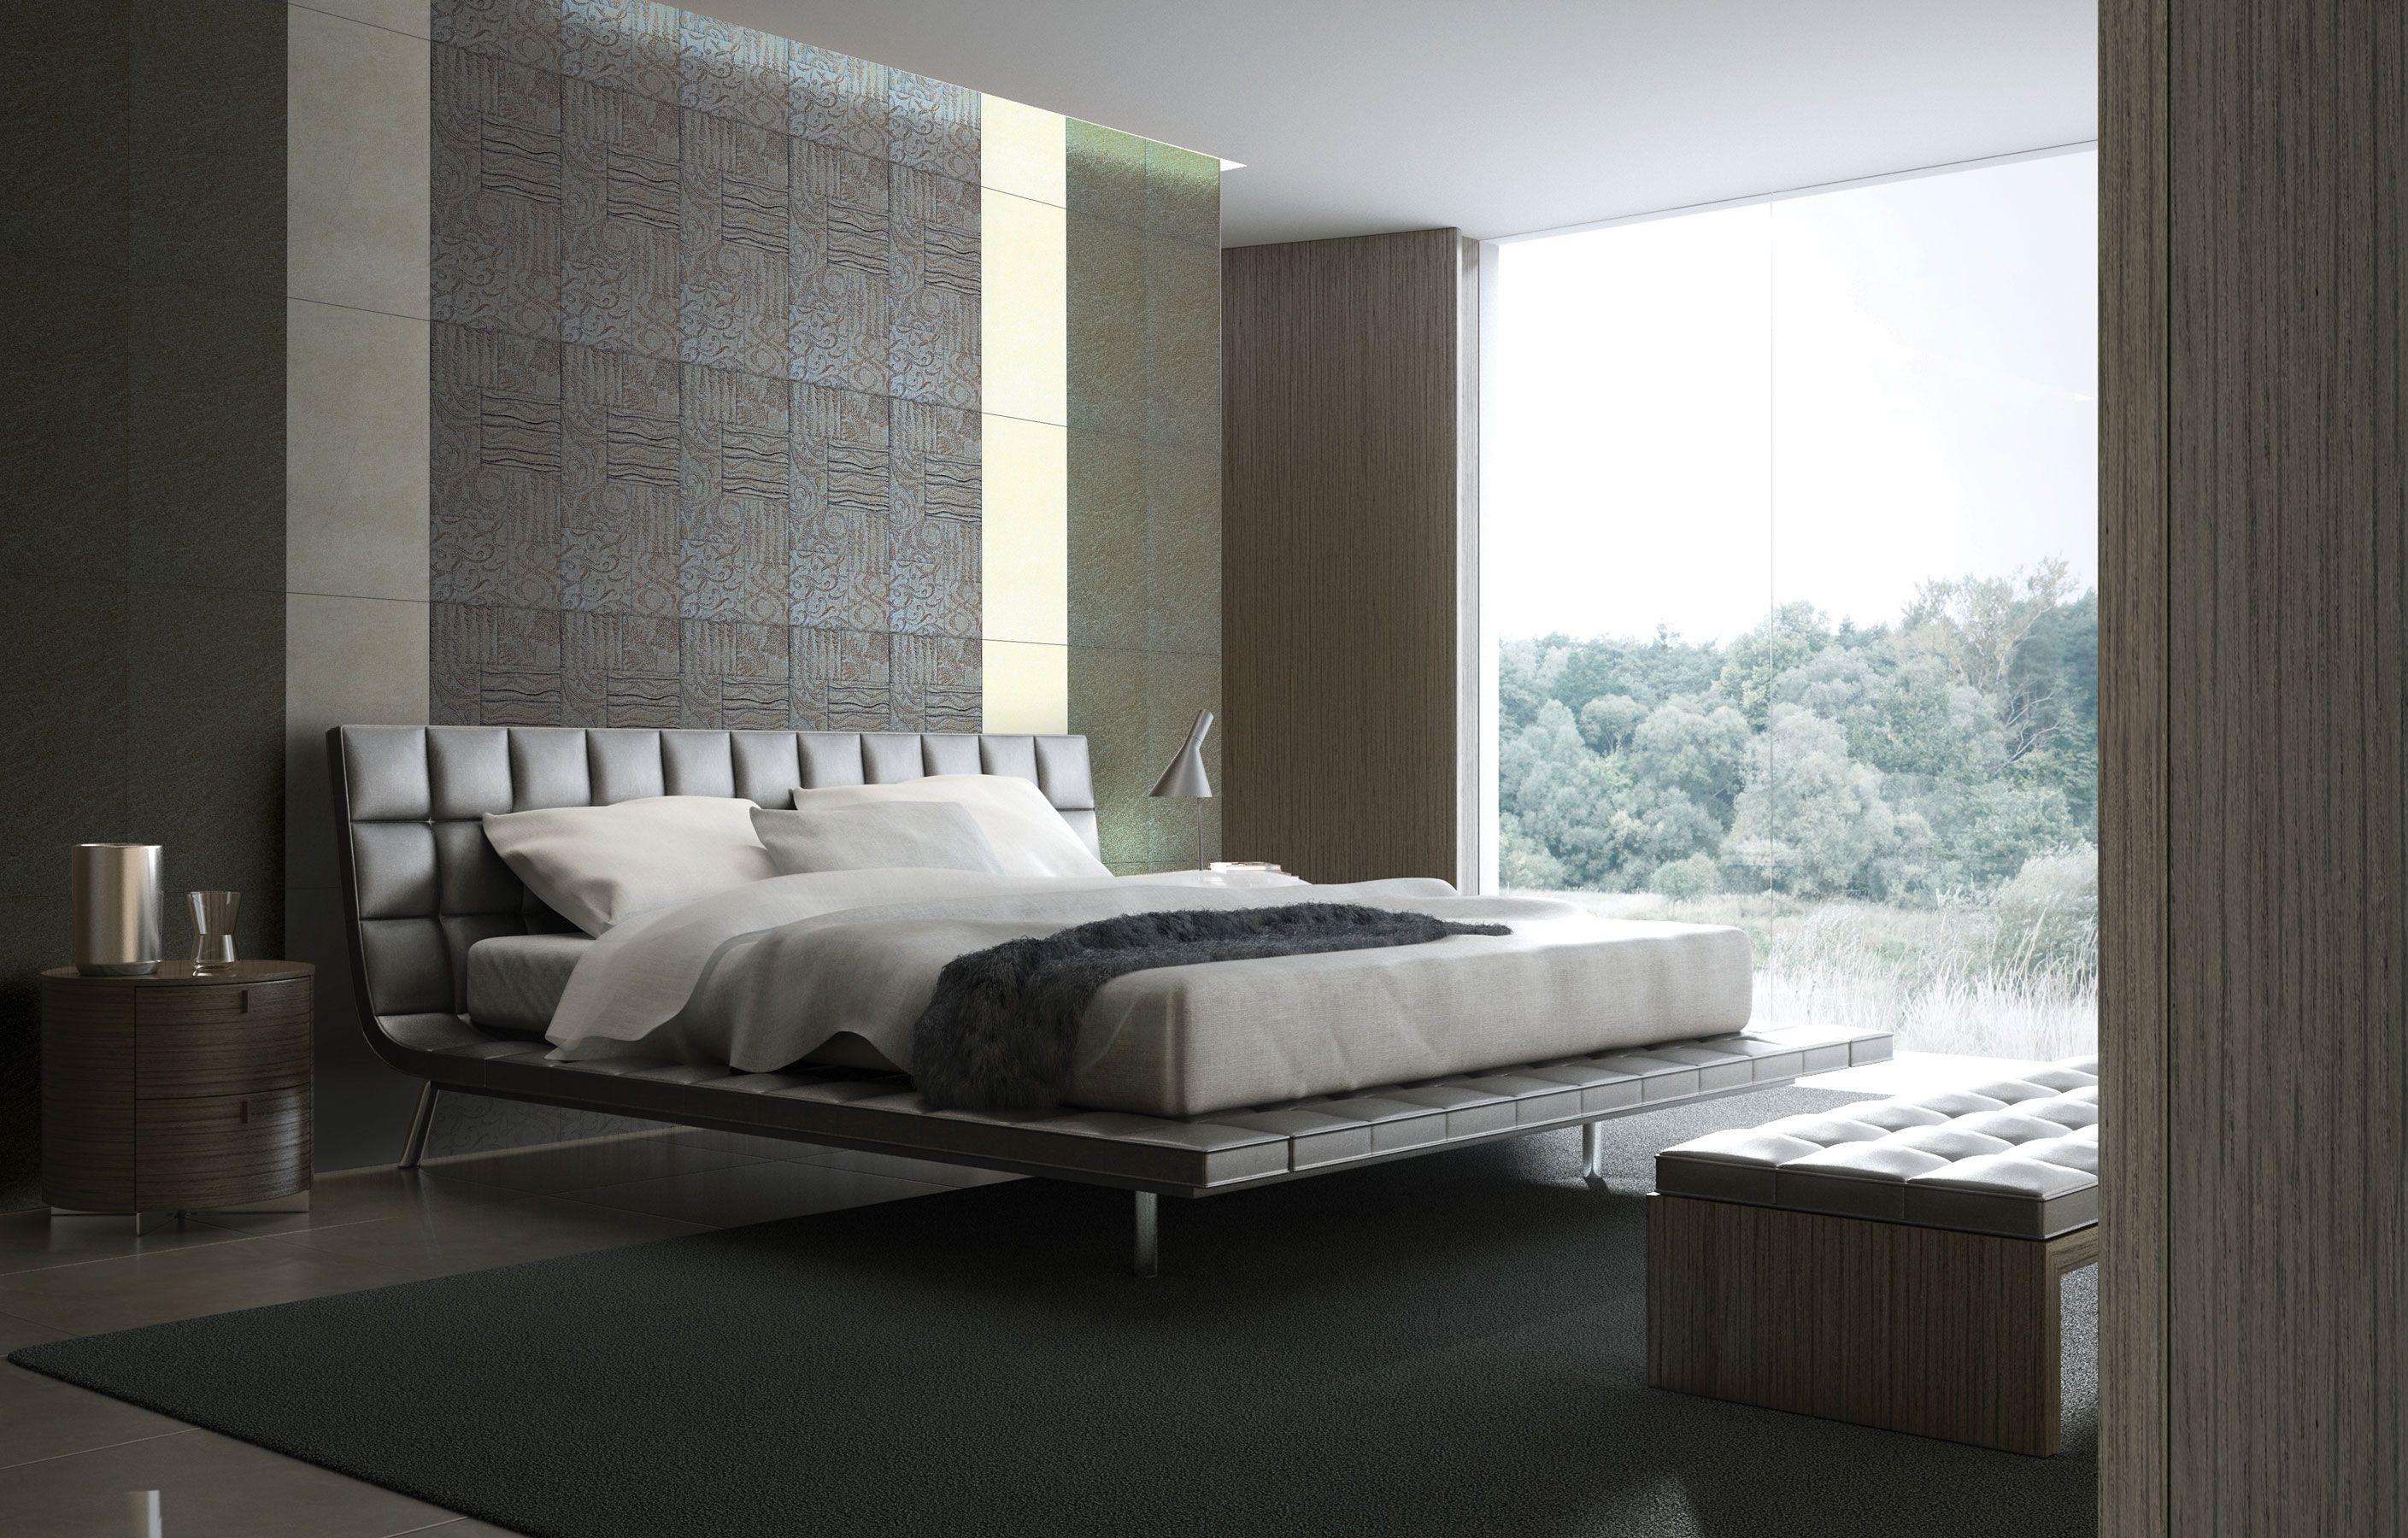 Bedroom Designer Online Buy Designer Floor Wall #tiles For Bathroom #bedroom Kitchen